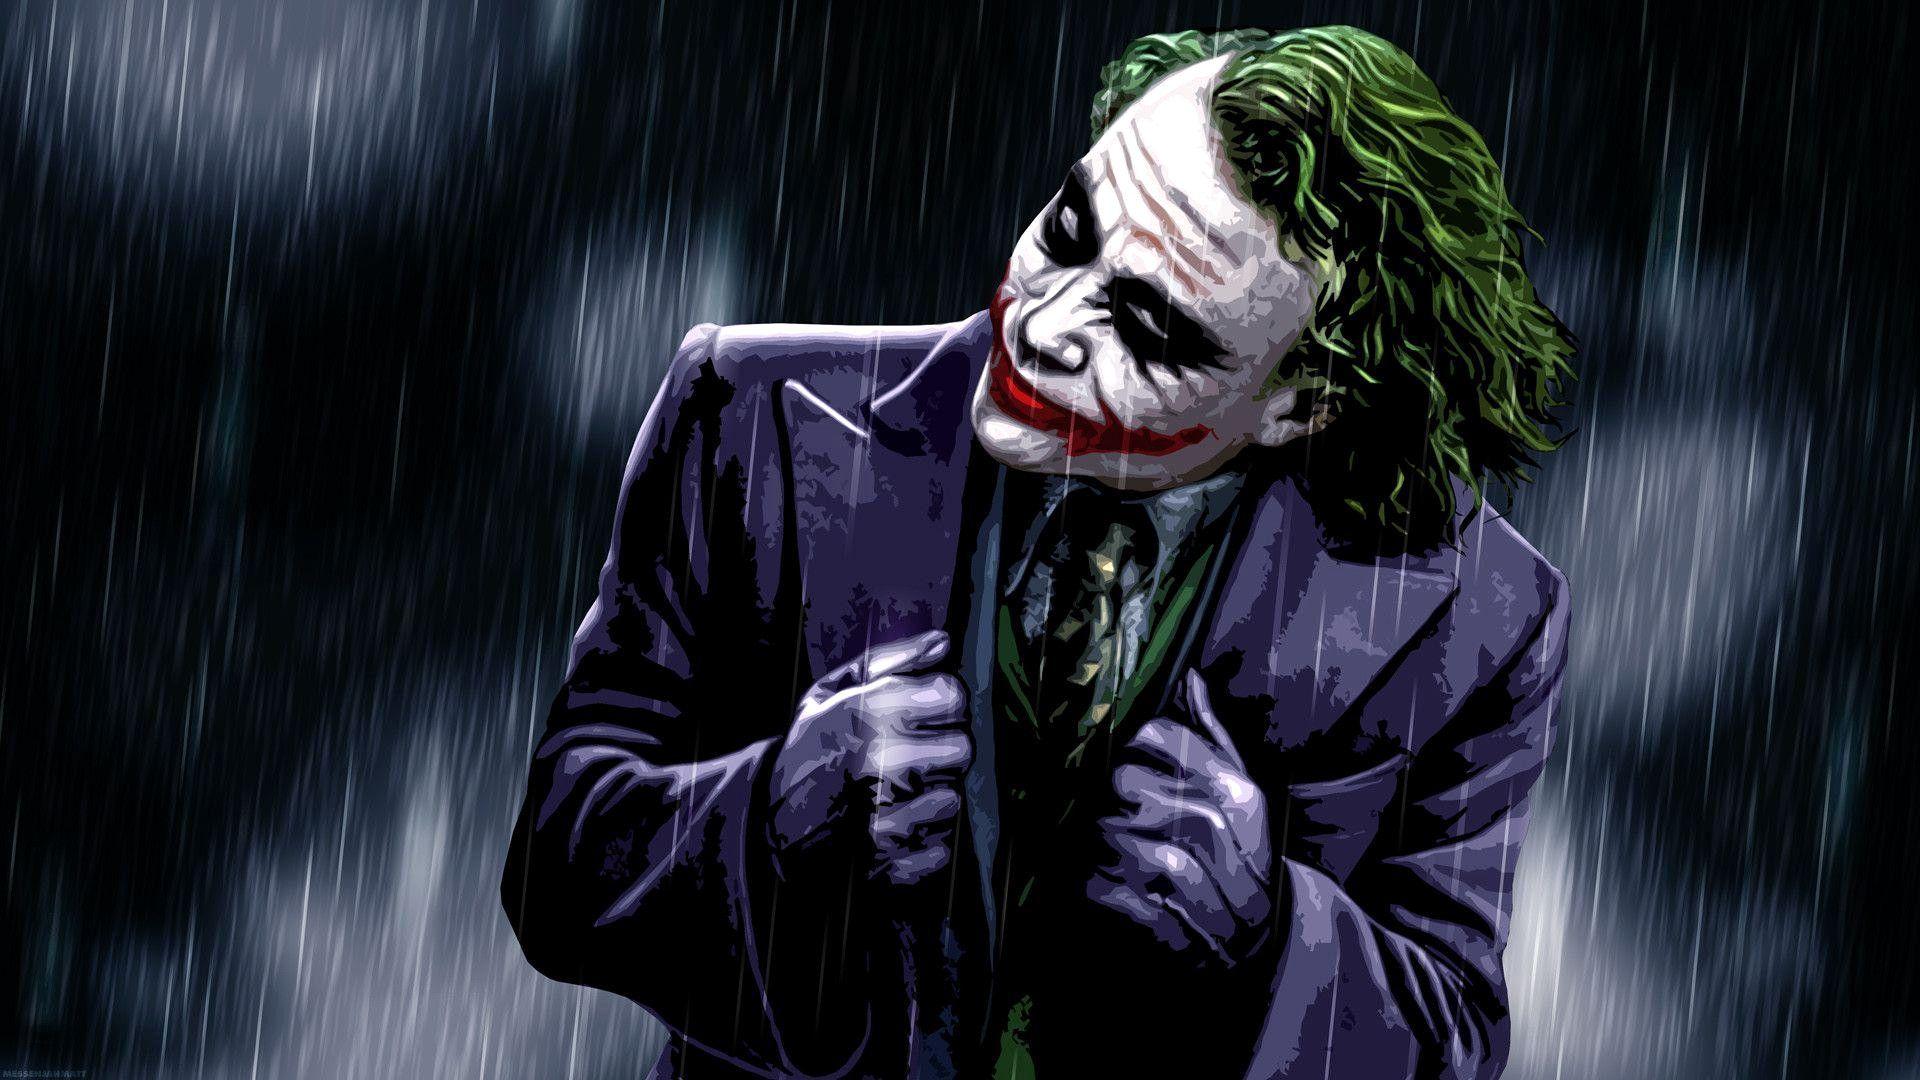 Joker Wallpaper Awesome Download Gambar Wallpaper Batman Best